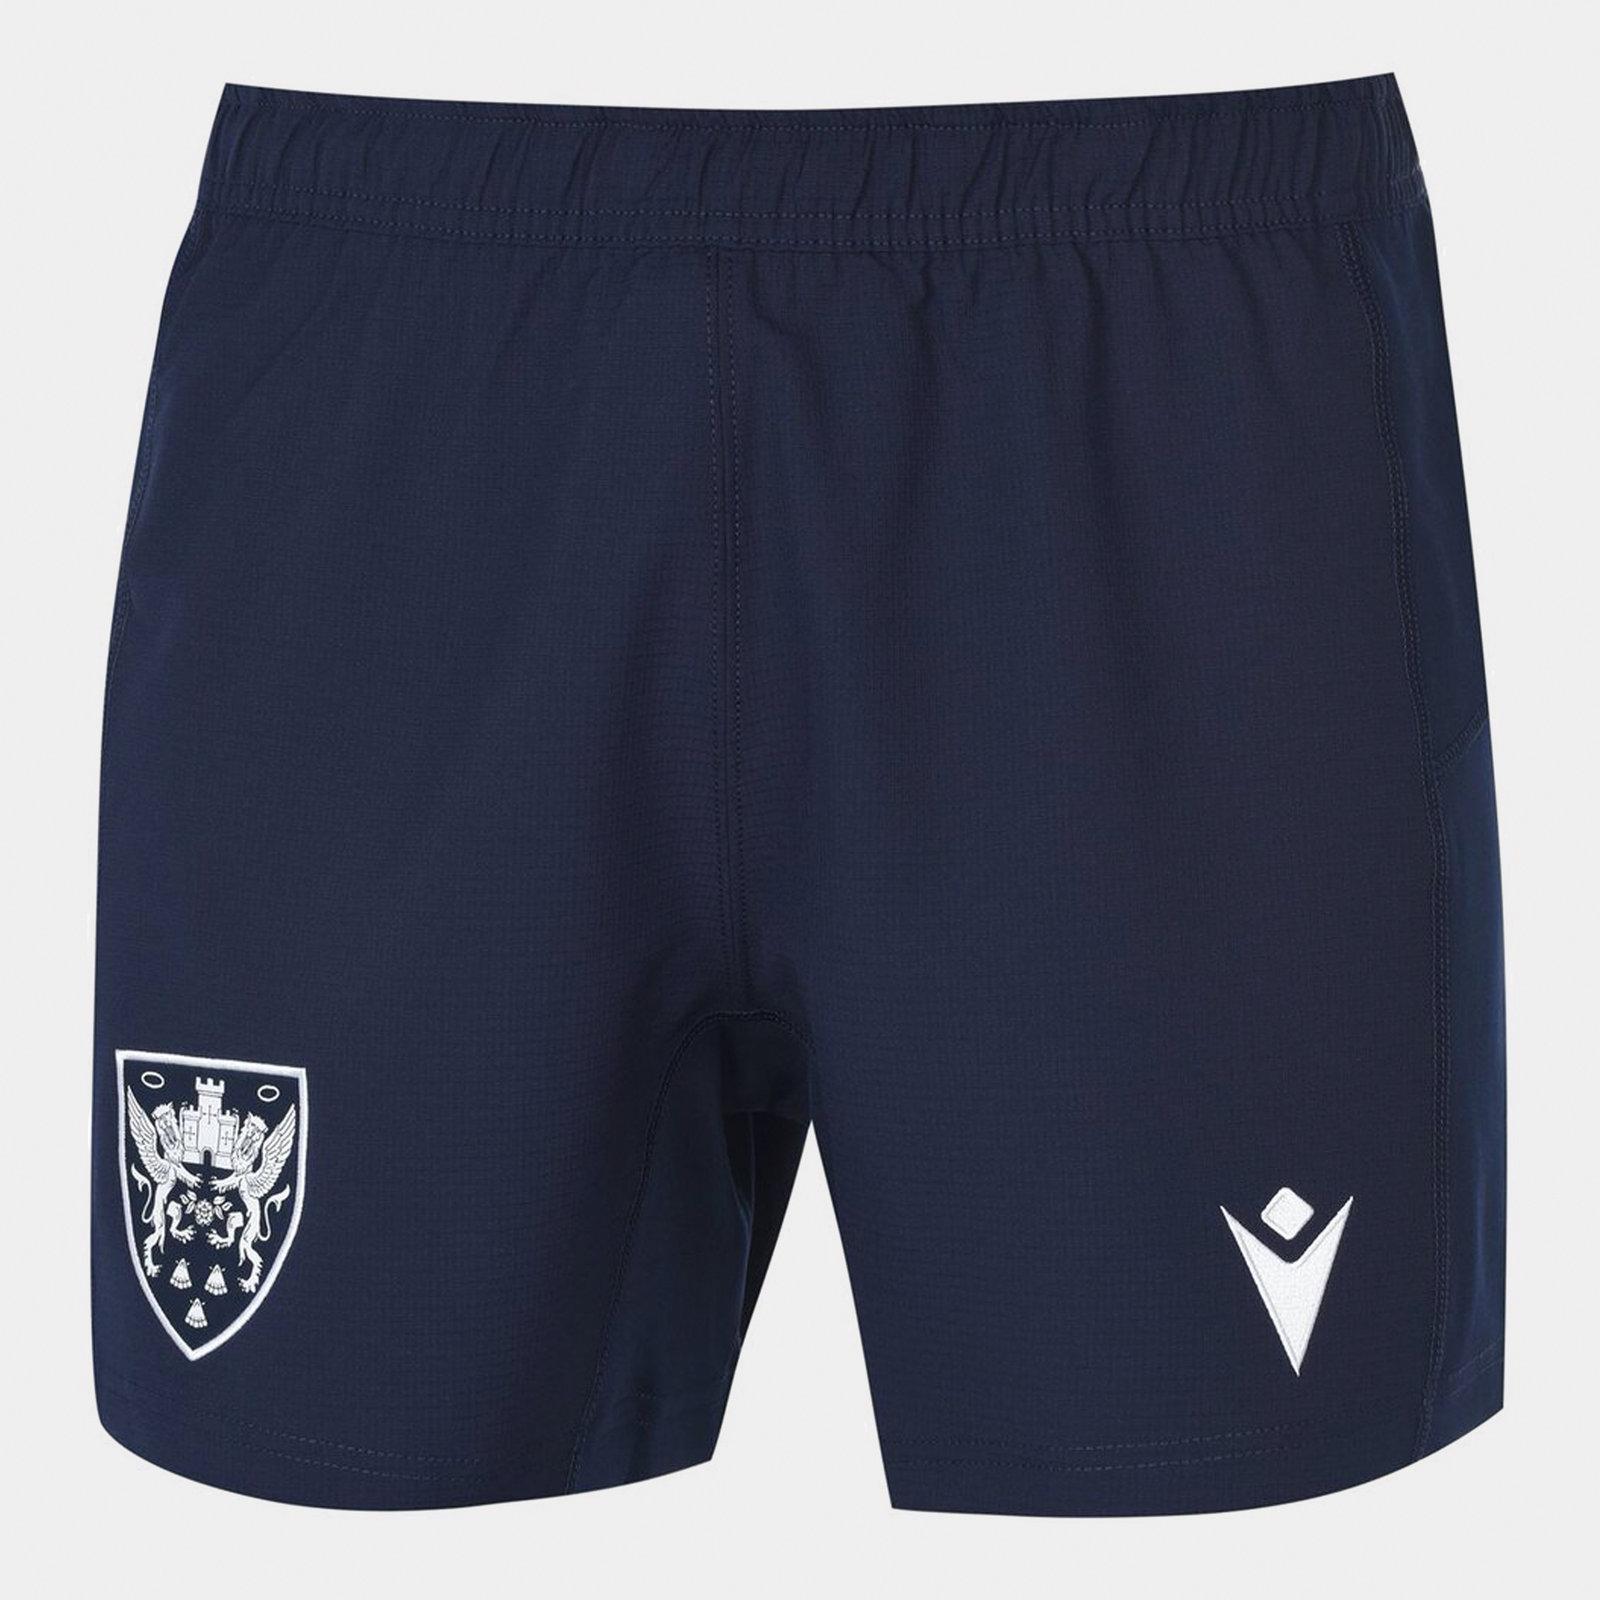 Saints Training Shorts Mens